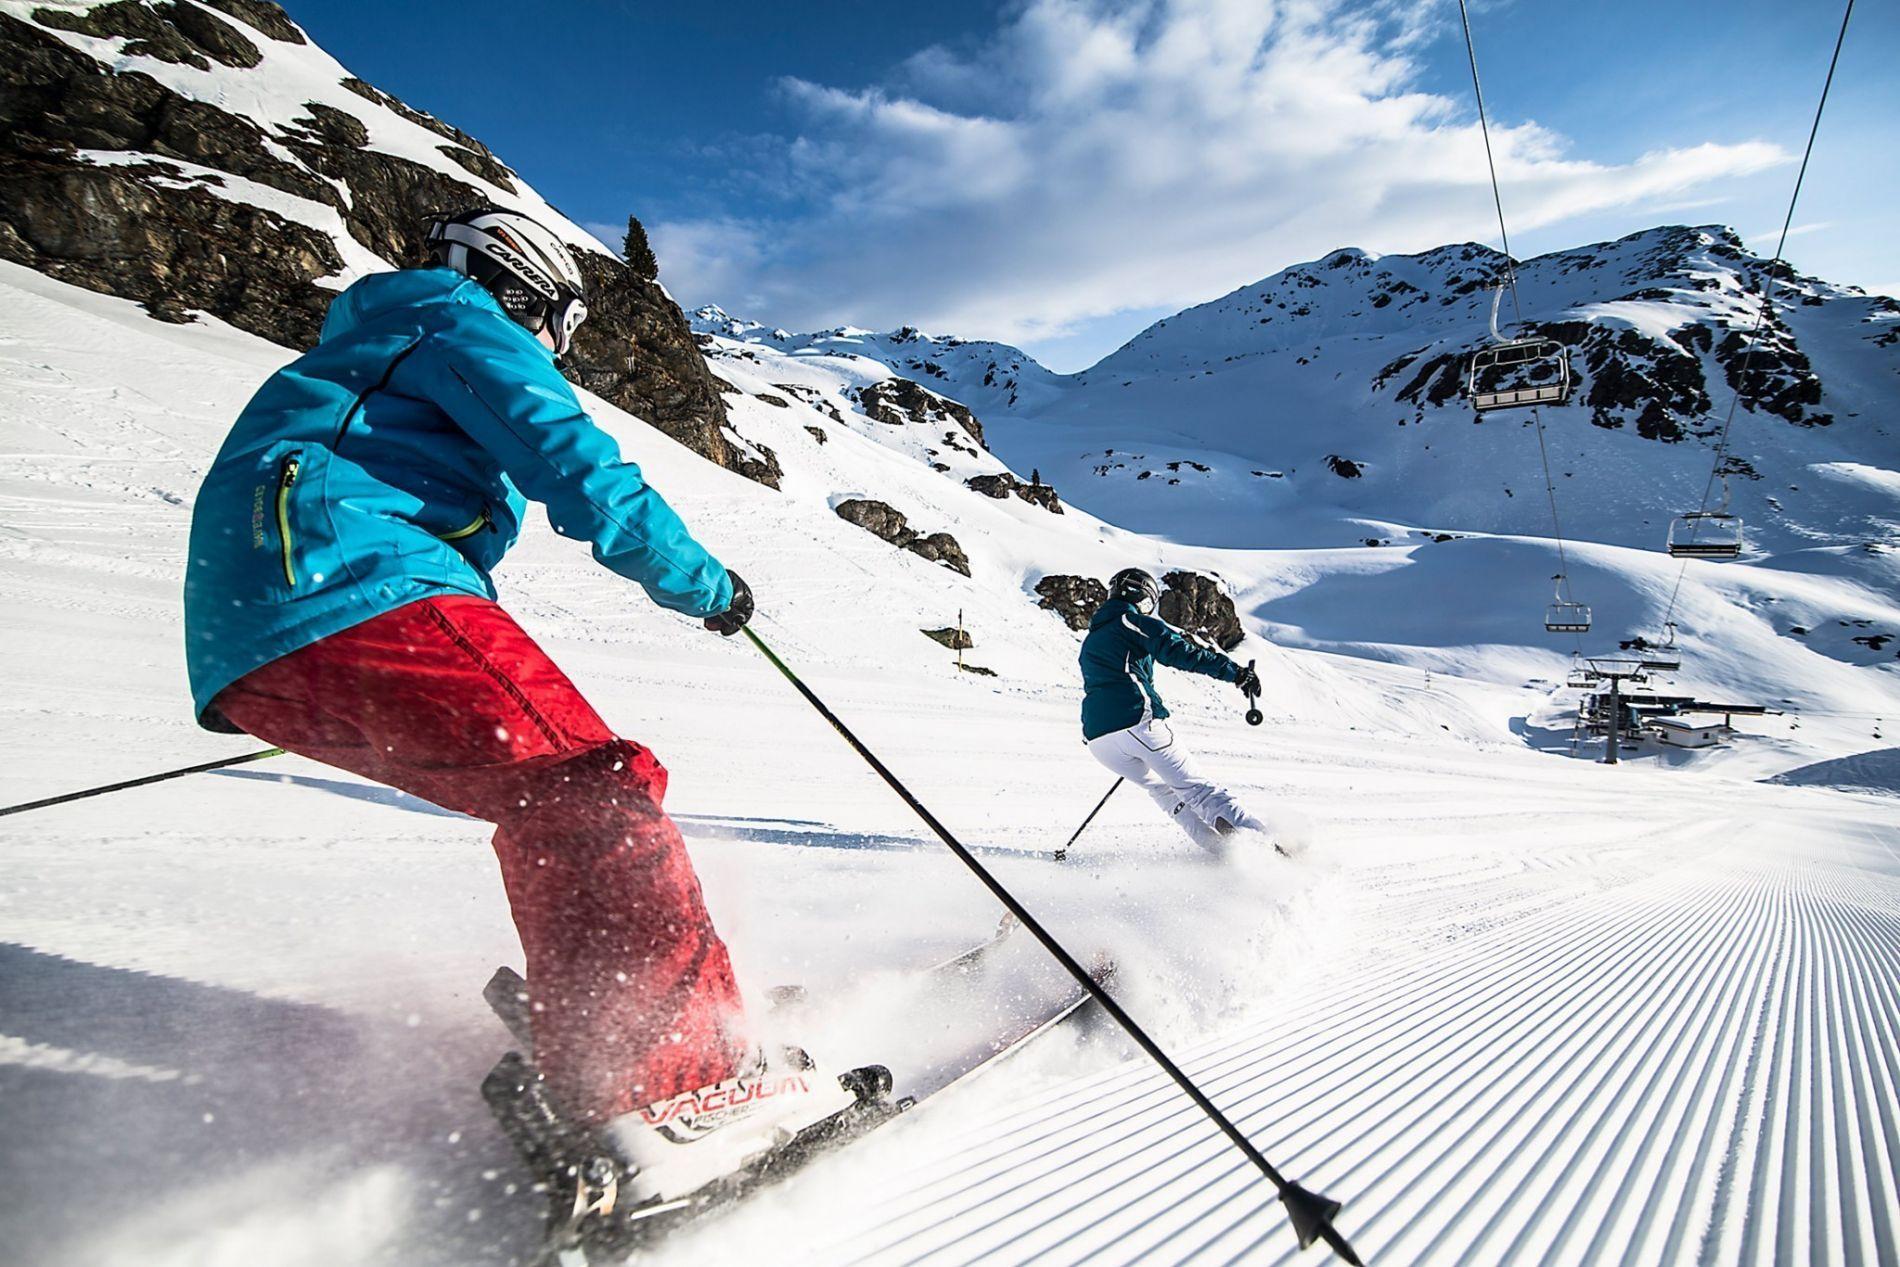 za_rasanter_skifahrer_72dpi